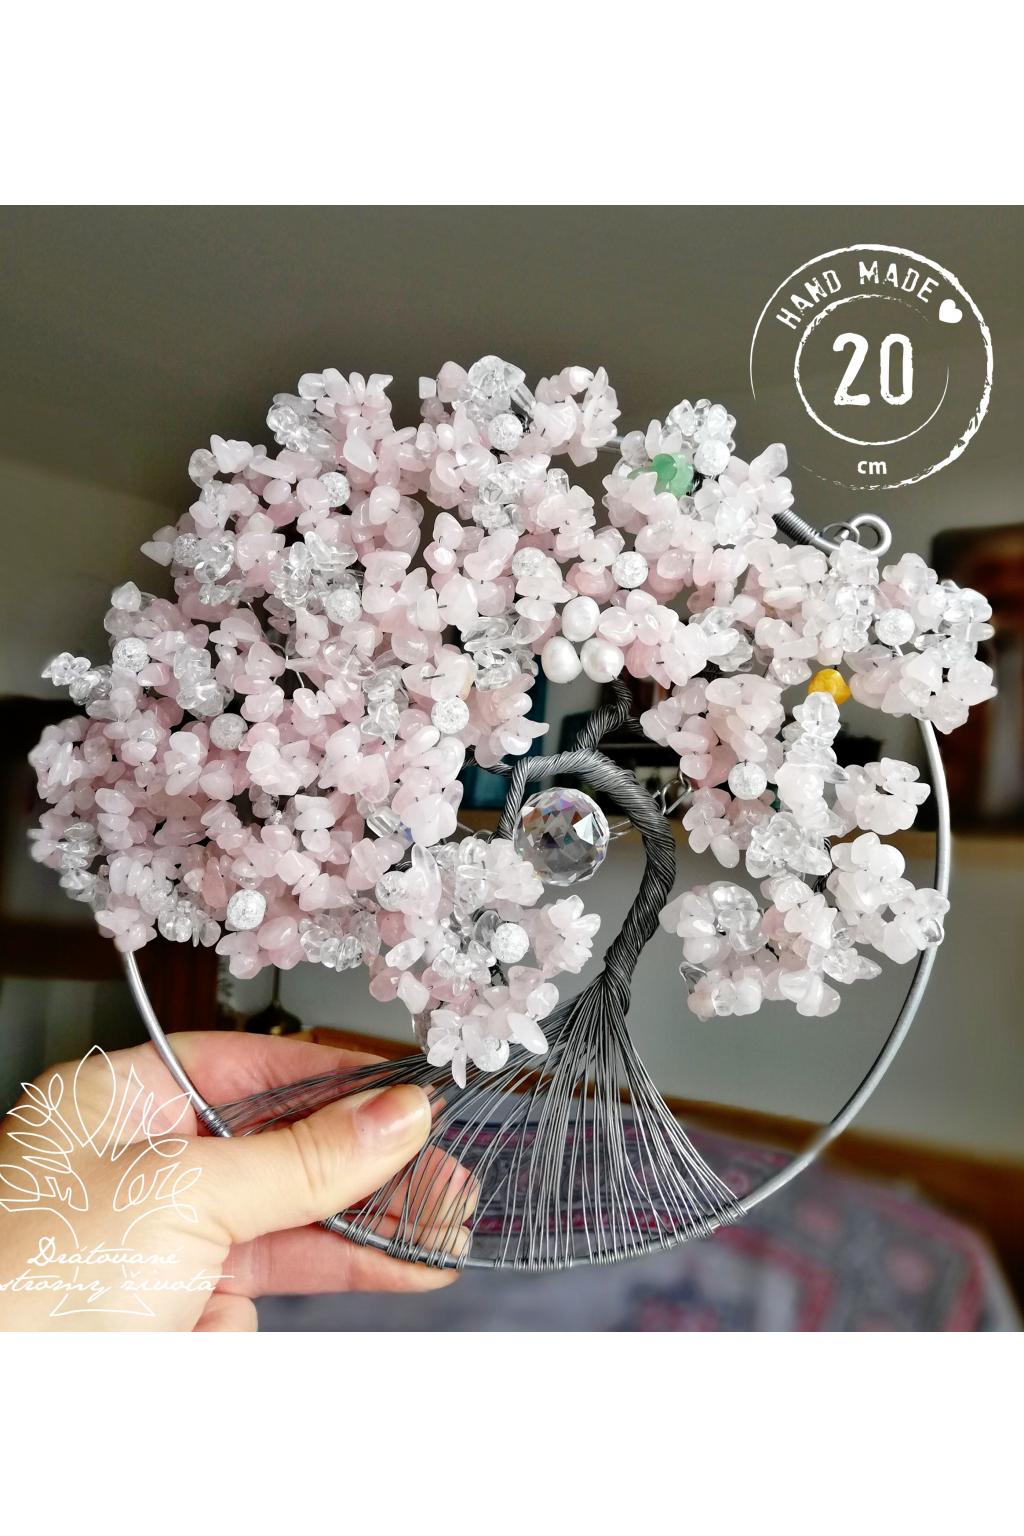 Drátovaný strom života Polodrahokamy Růženínový Něha a láska 20cm